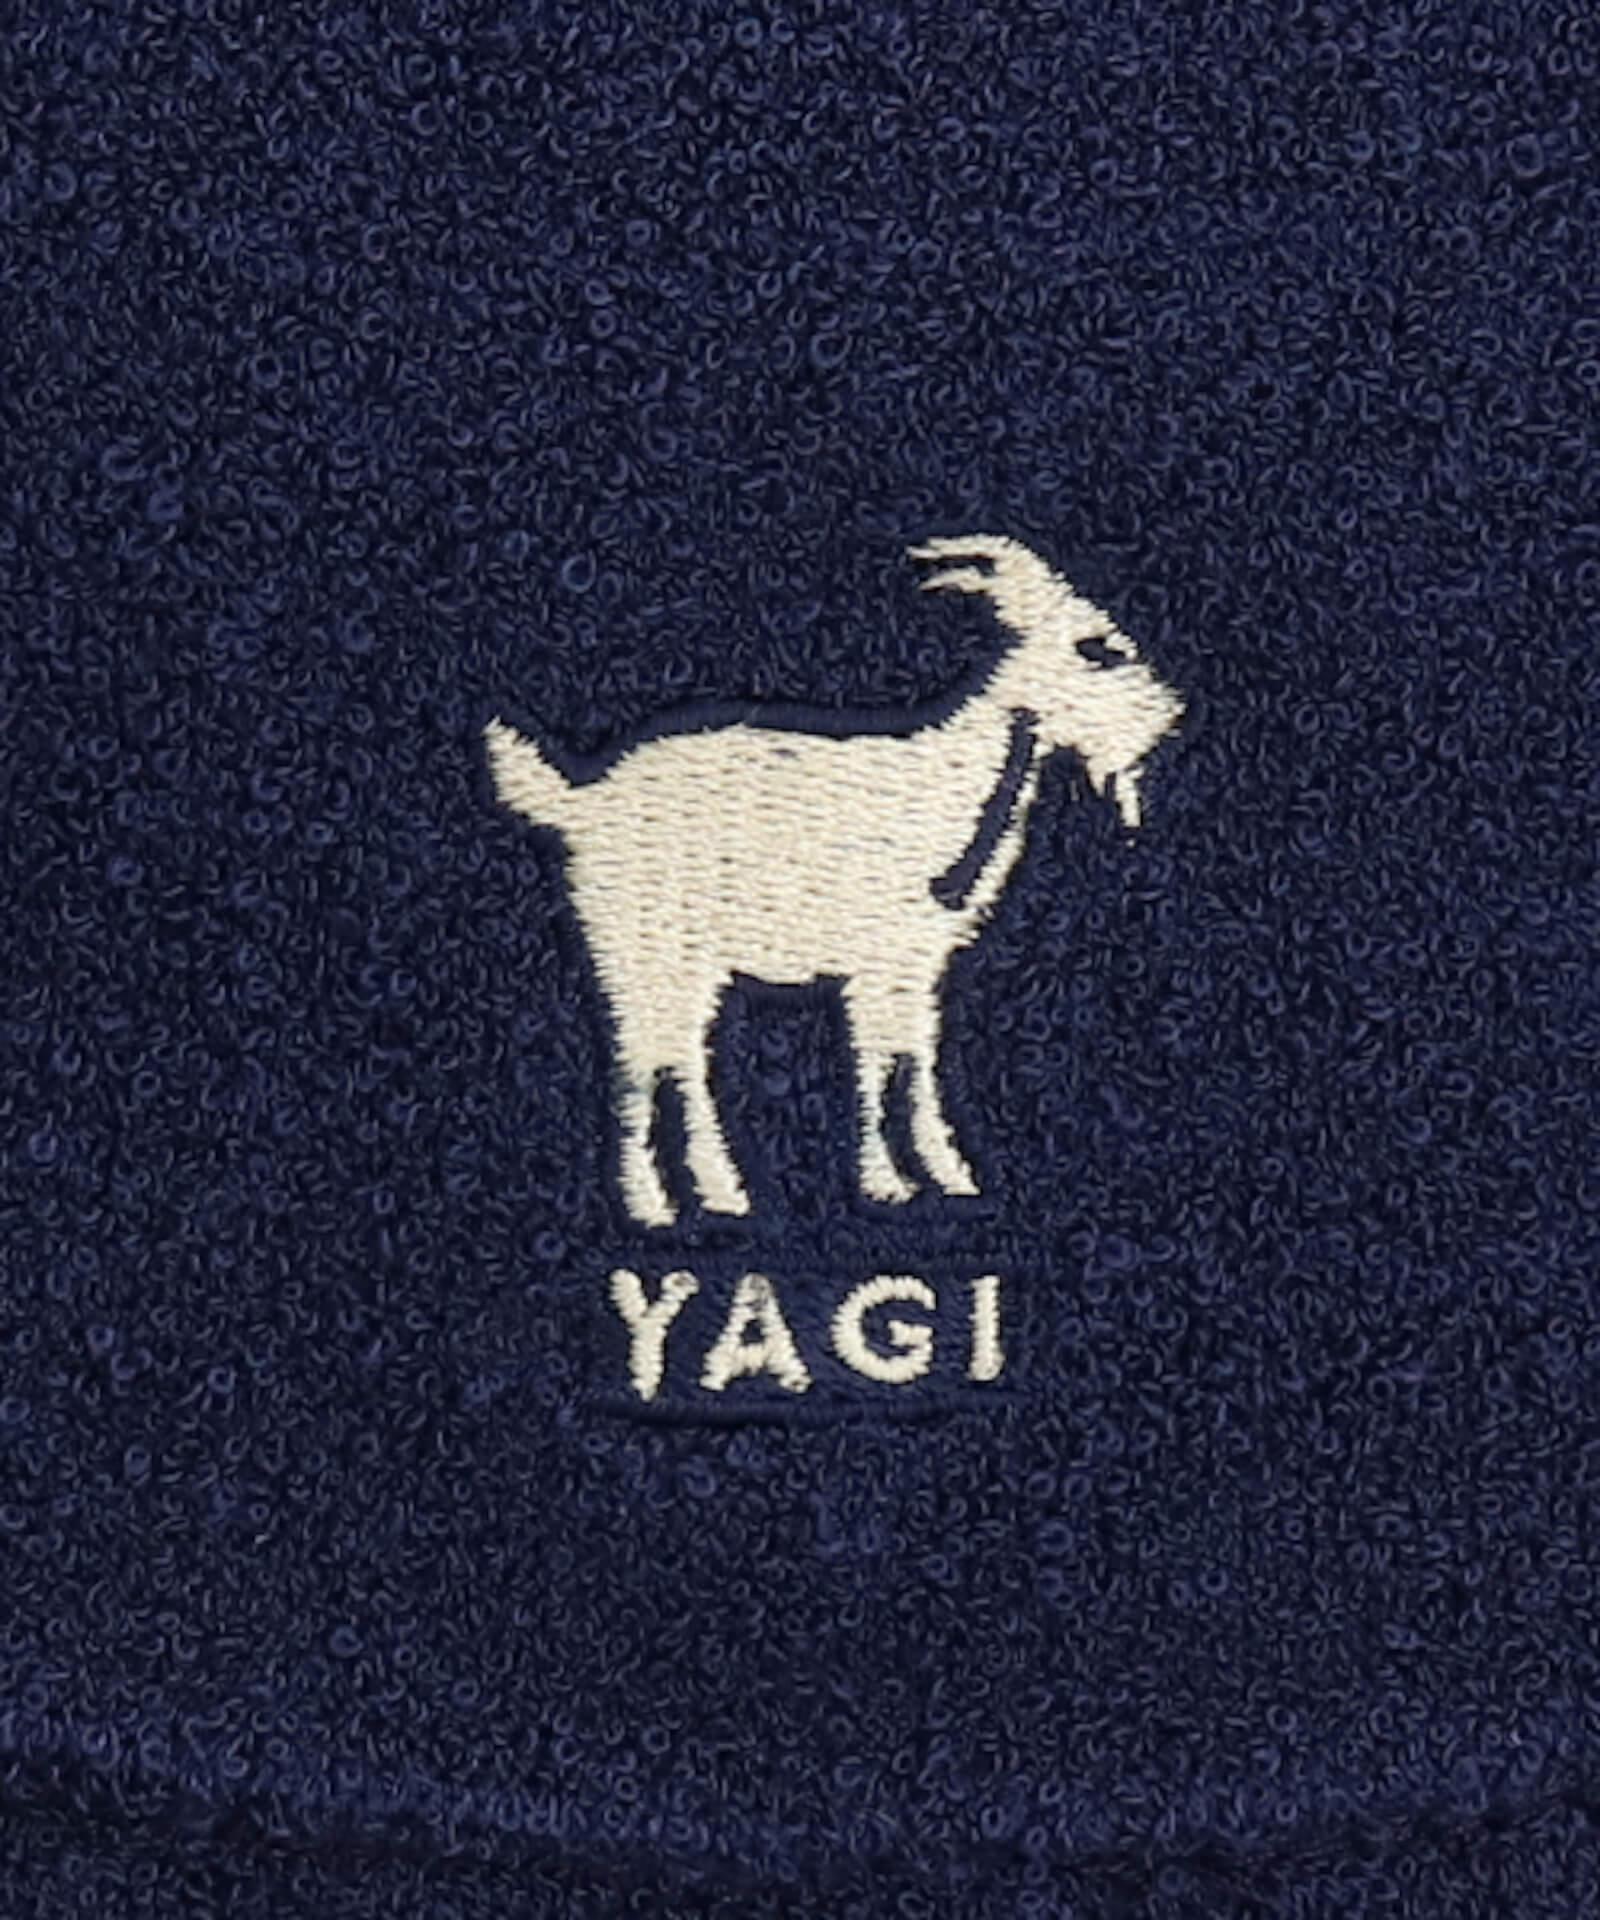 KANGOLがオカモトレイジ率いる「YAGI EXHIBITION」とコラボ|YAGIを配したオリジナルハット発売 life200302_yagi_kangol_4